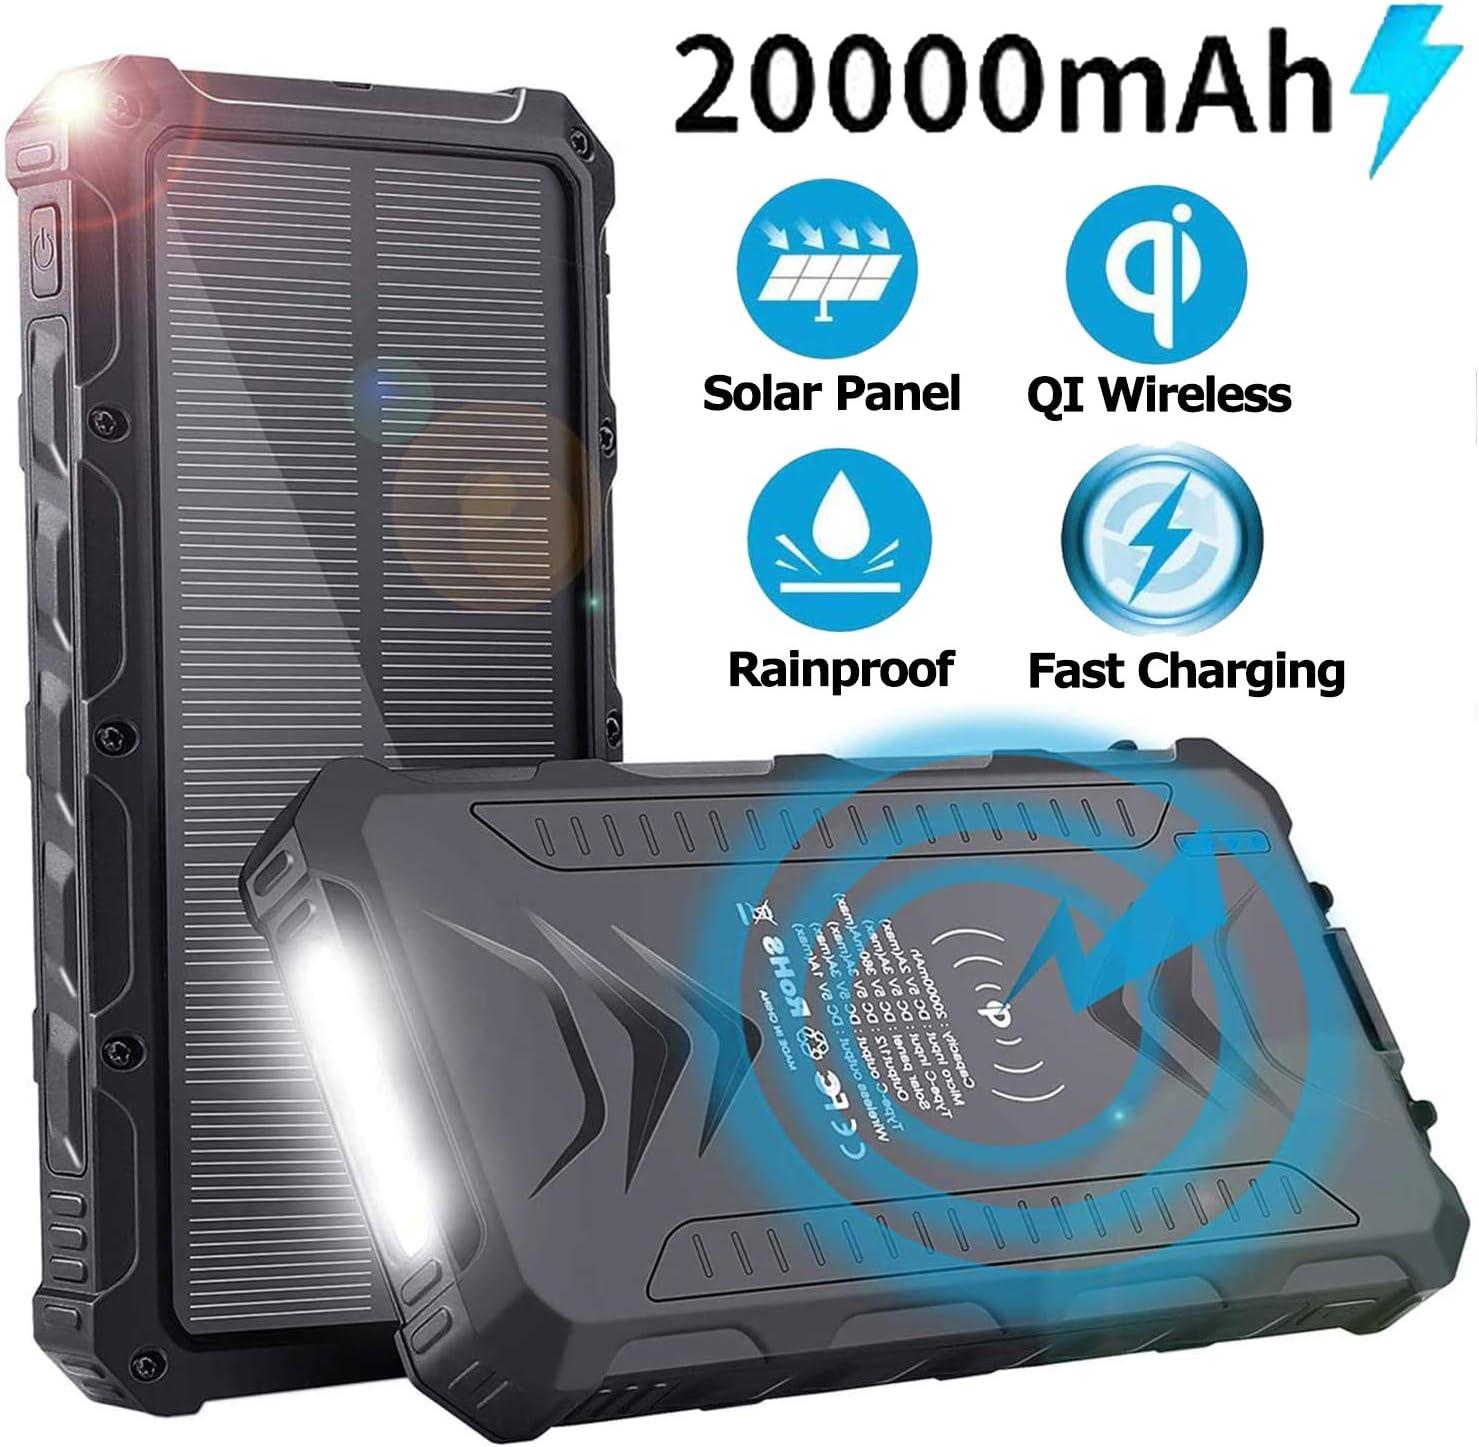 Sendowtek Batería Externa Solar 20000mAh, Batería Portátil Solar Power Bank con Cargador USB/USB C/Qi Wireles para Smartphone Tablet PC, Linterna SOS para Viajes de Campamento: Amazon.es: Electrónica